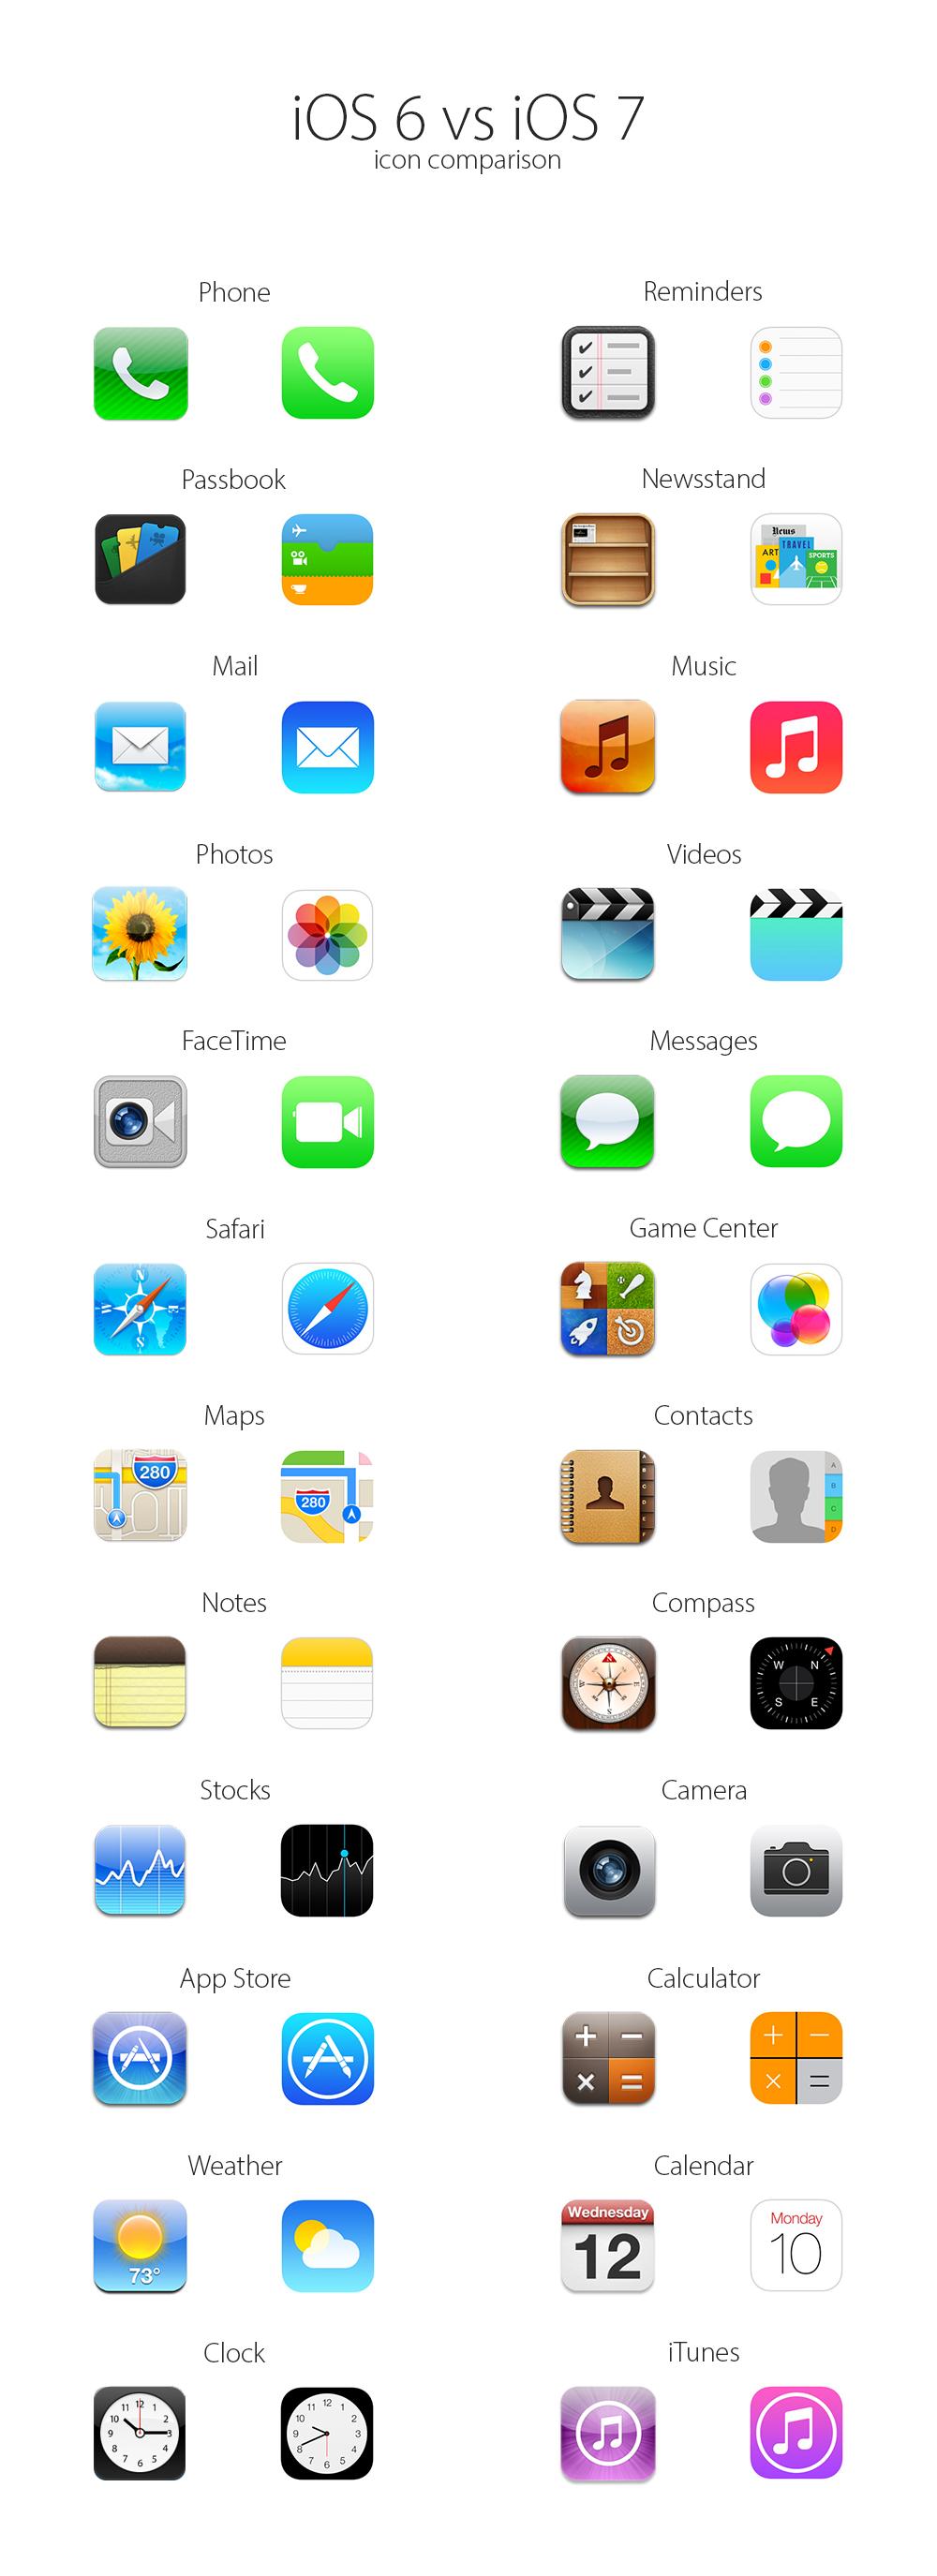 เปรียบเทียบไอคอนแอพพื้นฐานระหว่าง iOS 6 กับ iOS 7 ที่ราบเรียบแต่มีสีสันมากขึ้น